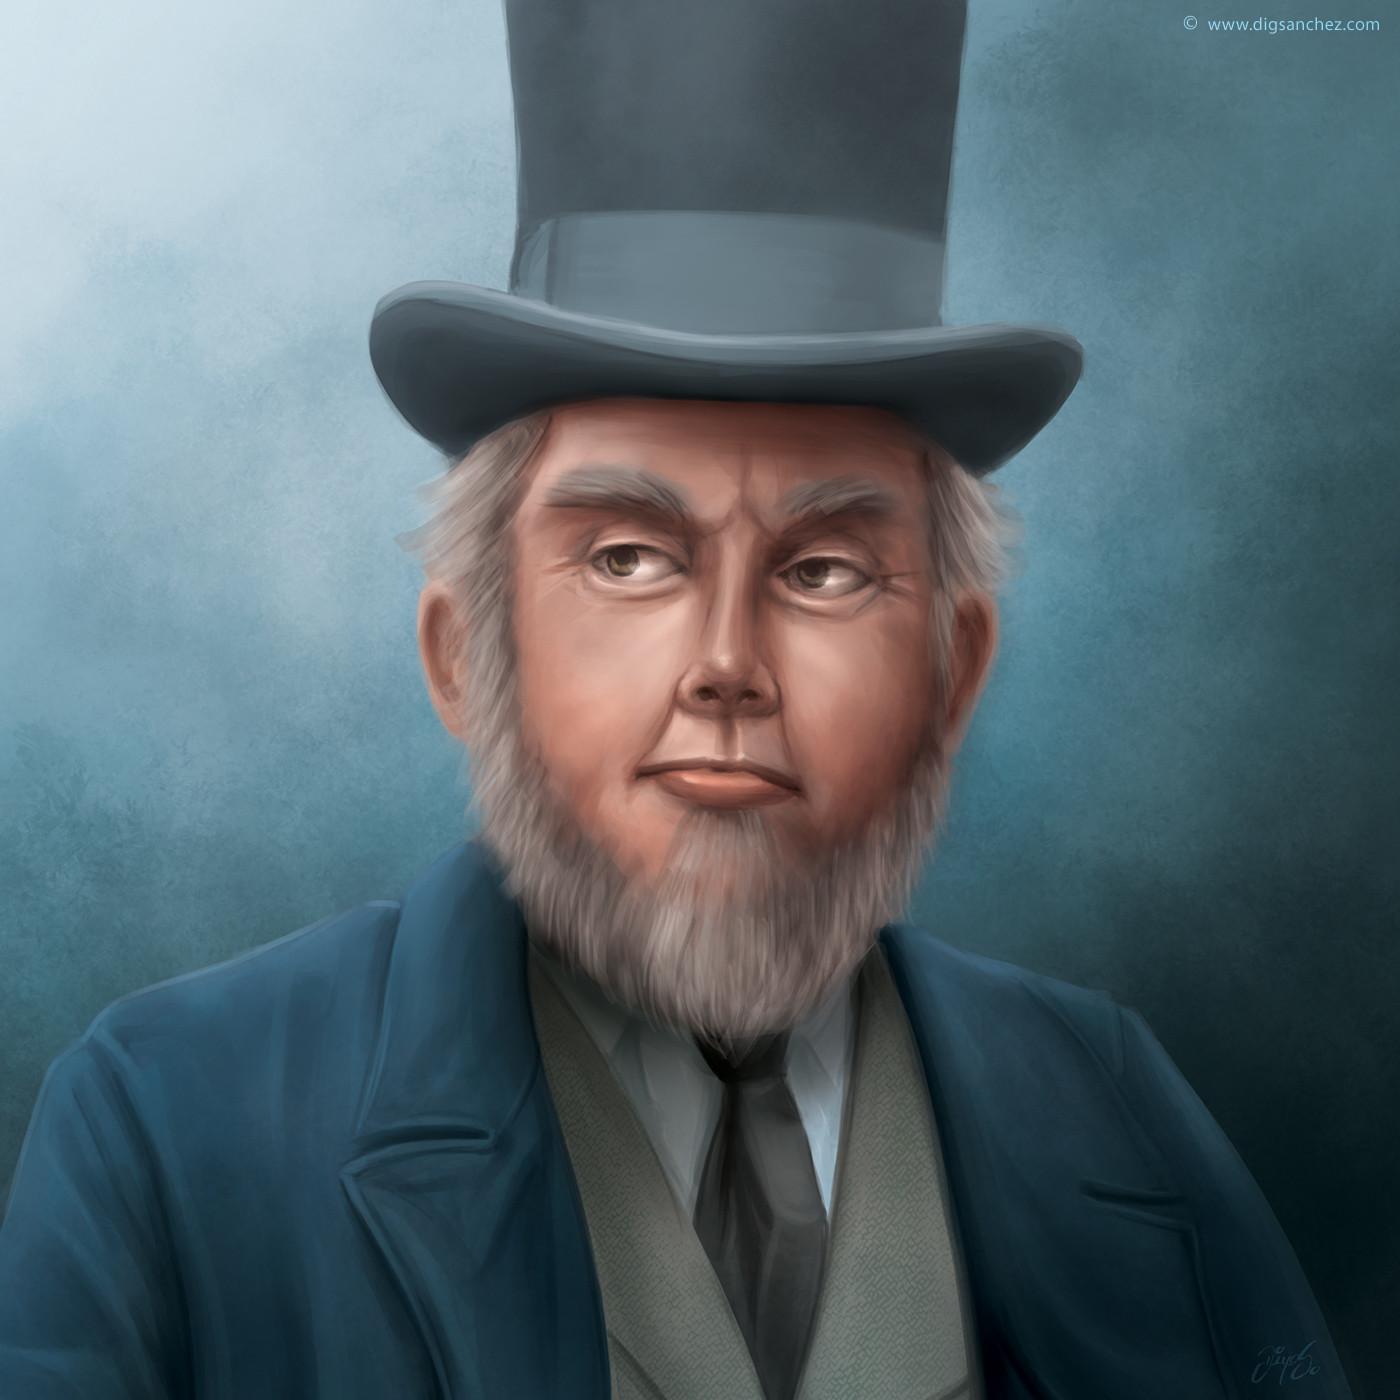 Game character - Mayor